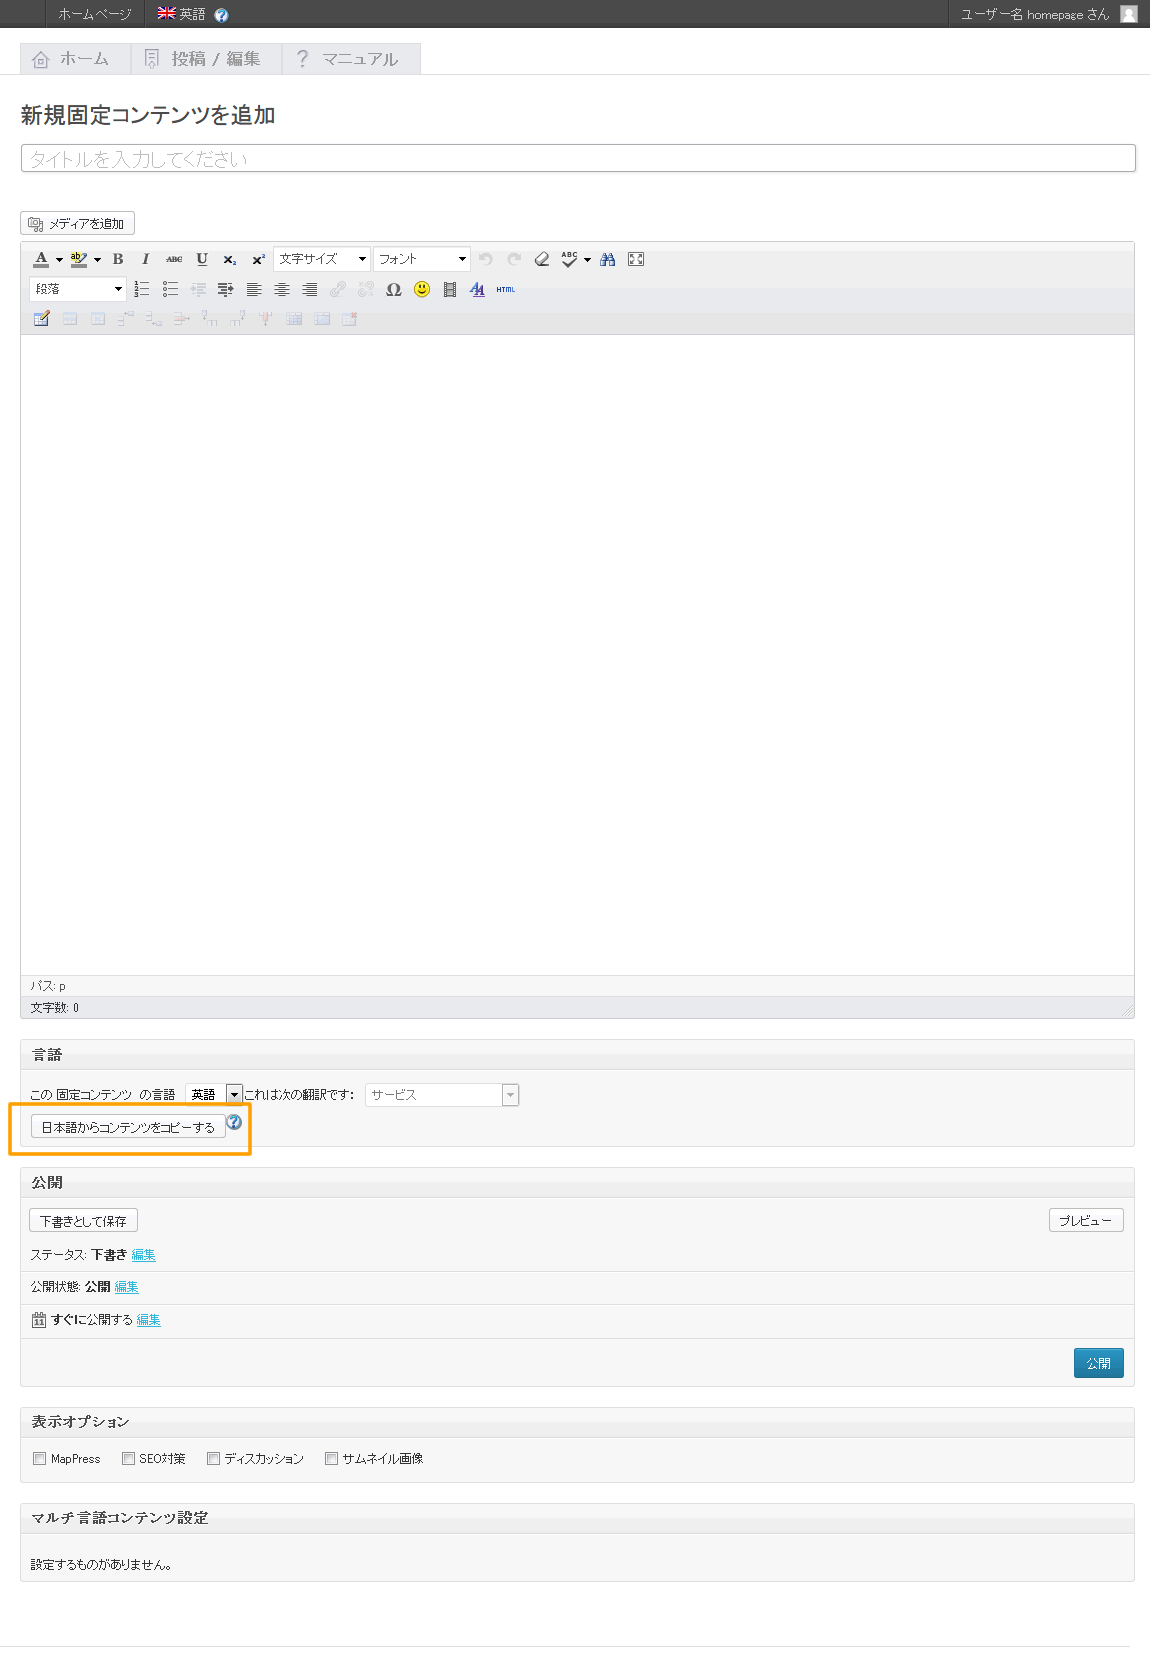 管理画面 固定コンテンツ 新規追加 | 初期費用無料ホームページ作成サイト - FunMaker